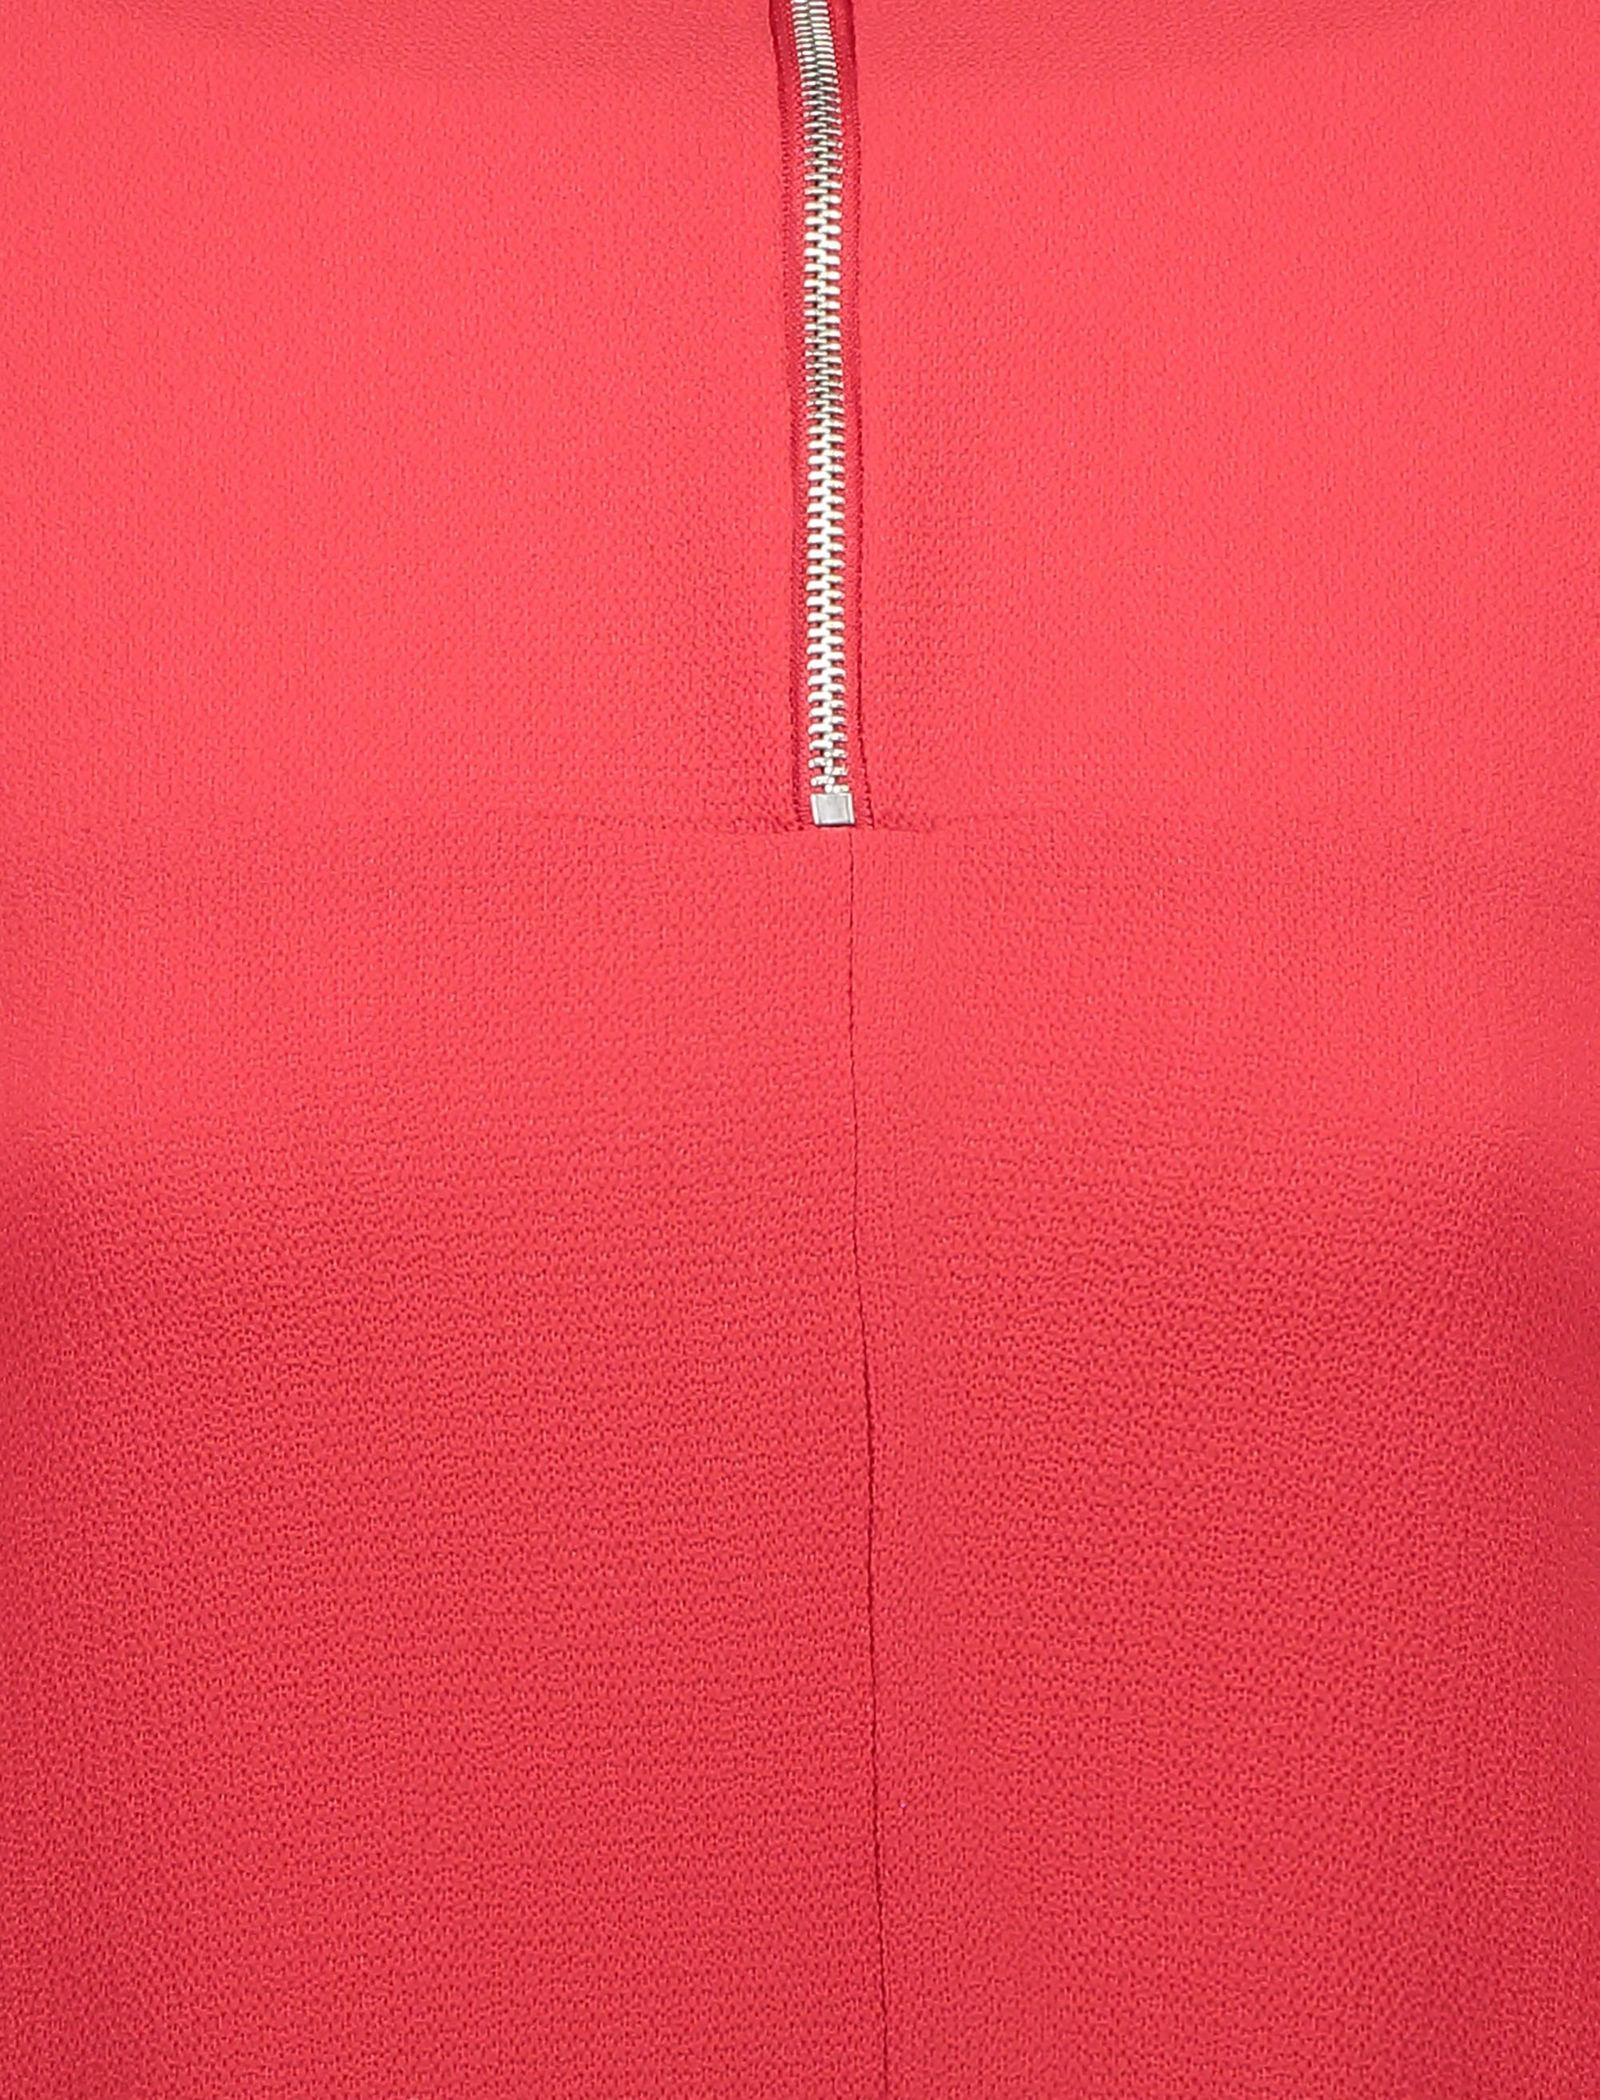 تونیک آستین بلند زنانه - دفکتو - قرمز - 5